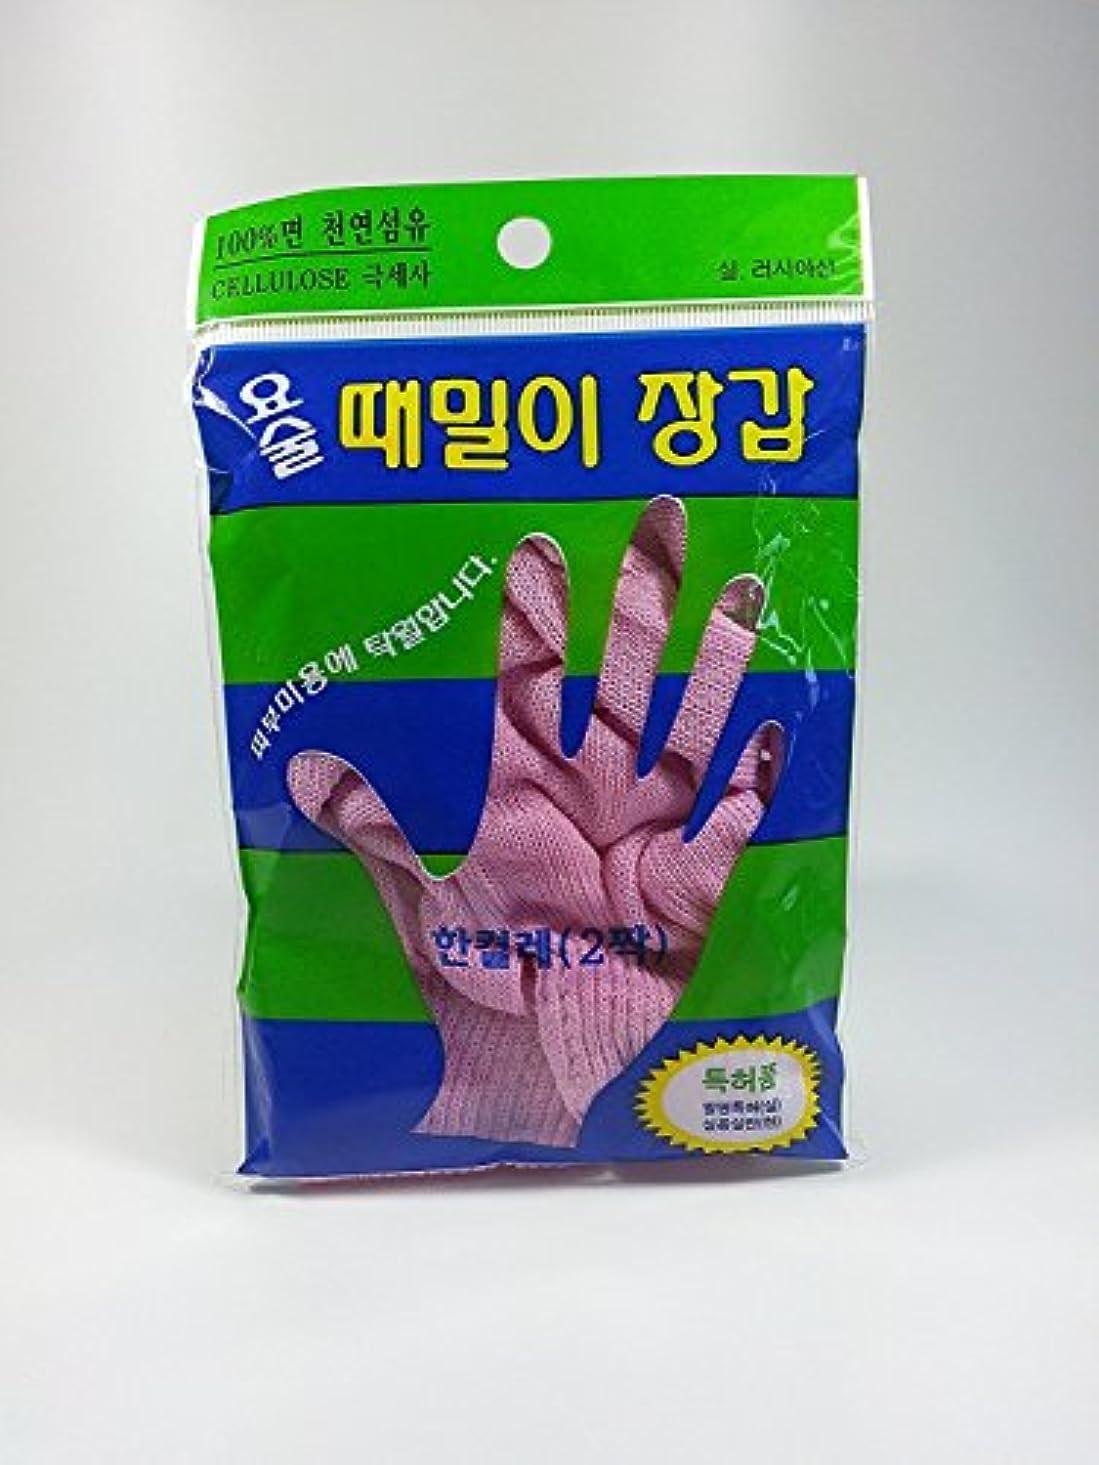 かわす険しい適度なジョンジュン産業 韓国式 垢すり 手袋 バスグローブ 5本指 ボディスクラブ 100% 天然セルロース繊維製 ???? ??????? Magic Korean Body Back Scrub [並行輸入品]